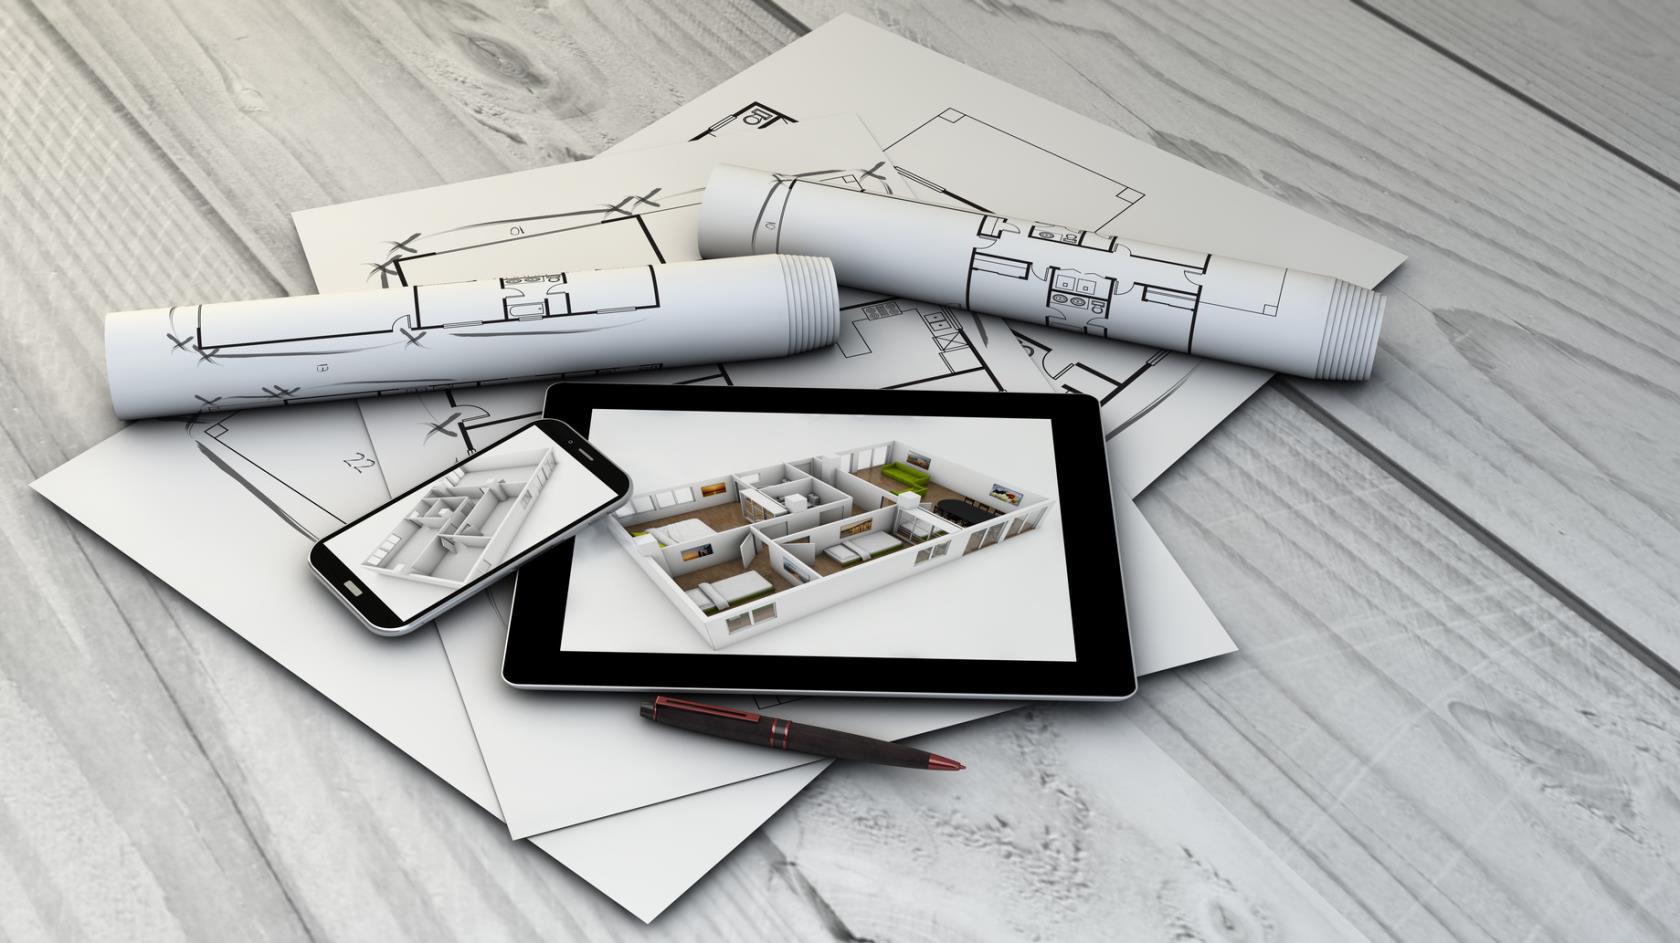 Vendita immobili General Costruzioni